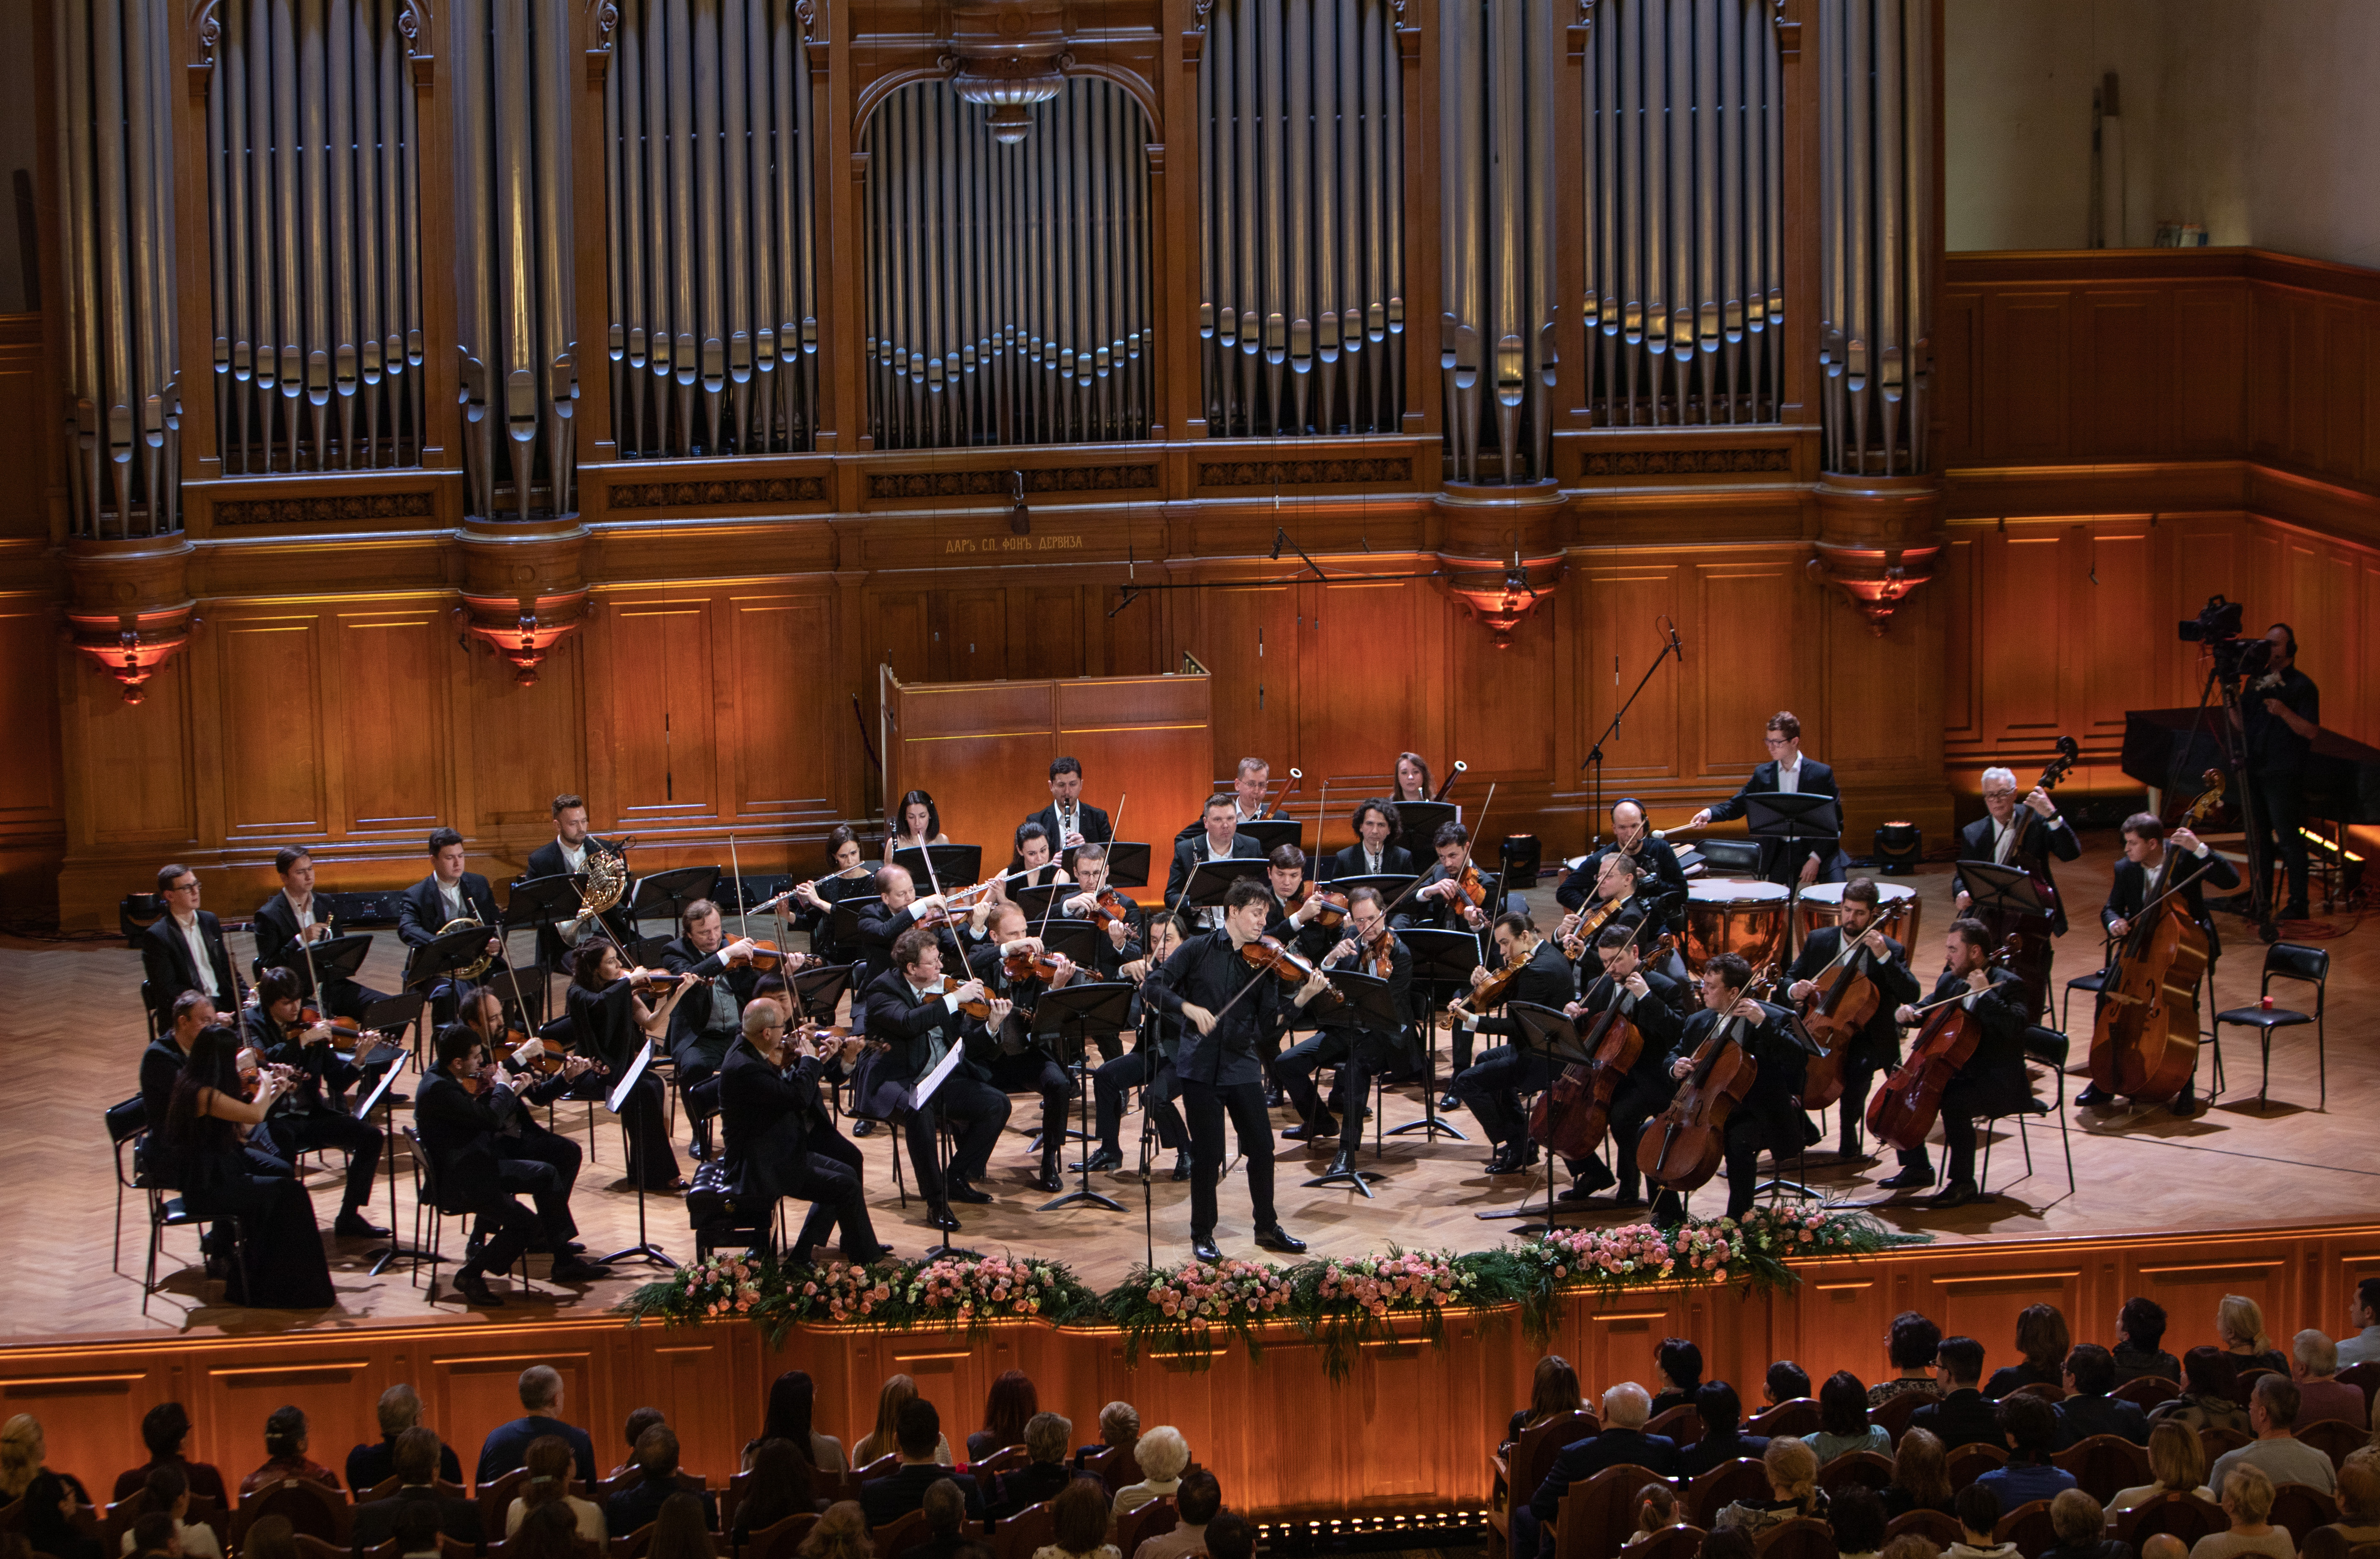 Американский скрипач Джошуа Белл дал концерт в Большом зале Консерватории